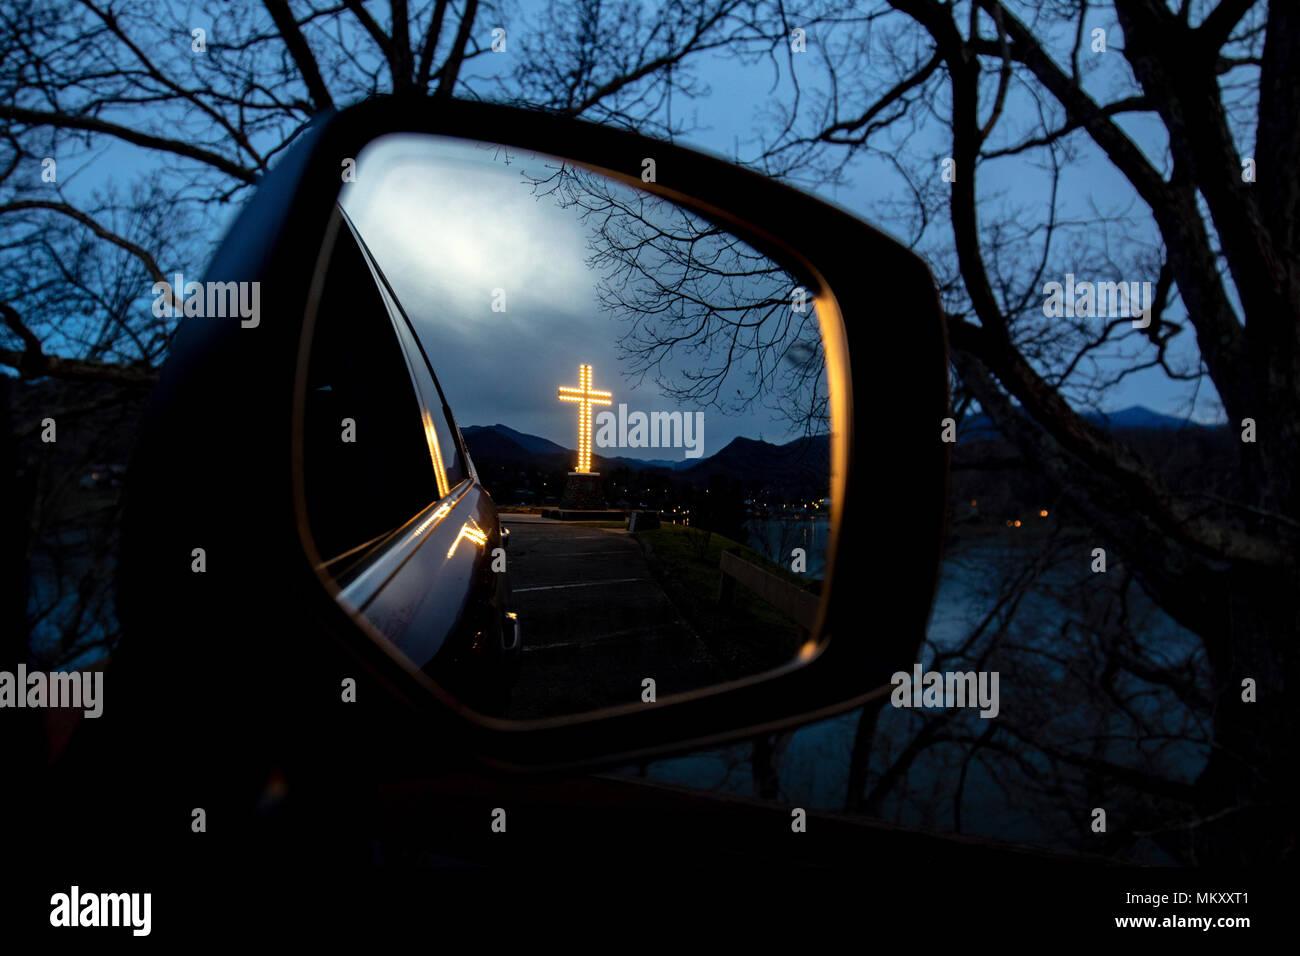 Croce Junaluska in auto specchietto retrovisore - Lago Junaluska, North Carolina, STATI UNITI D'AMERICA Immagini Stock